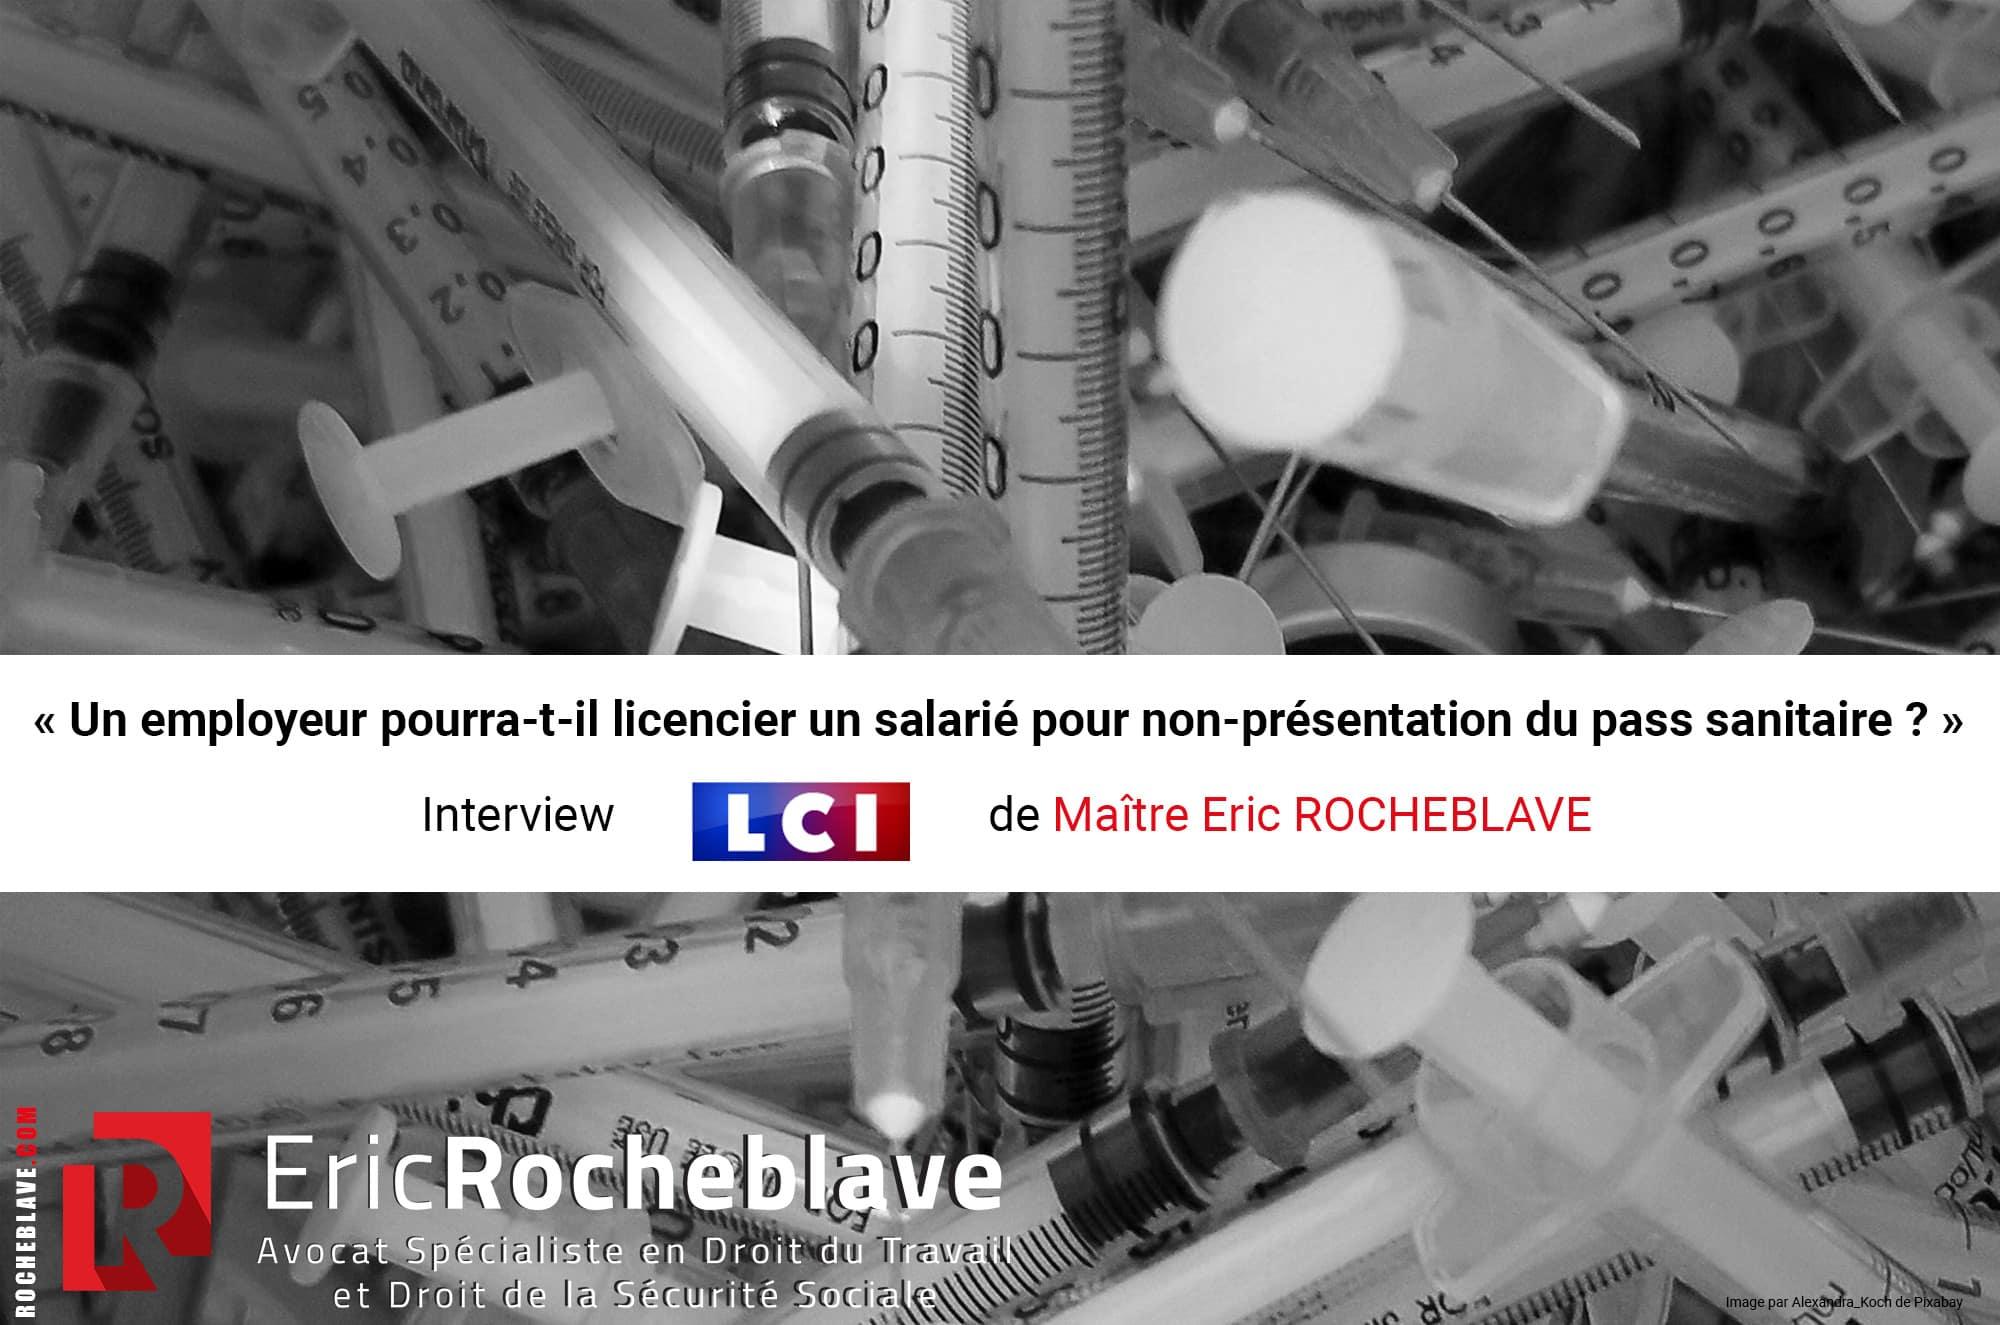 « Un employeur pourra-t-il licencier un salarié pour non-présentation du pass sanitaire ? » Interview LCI de Maître Eric ROCHEBLAVE